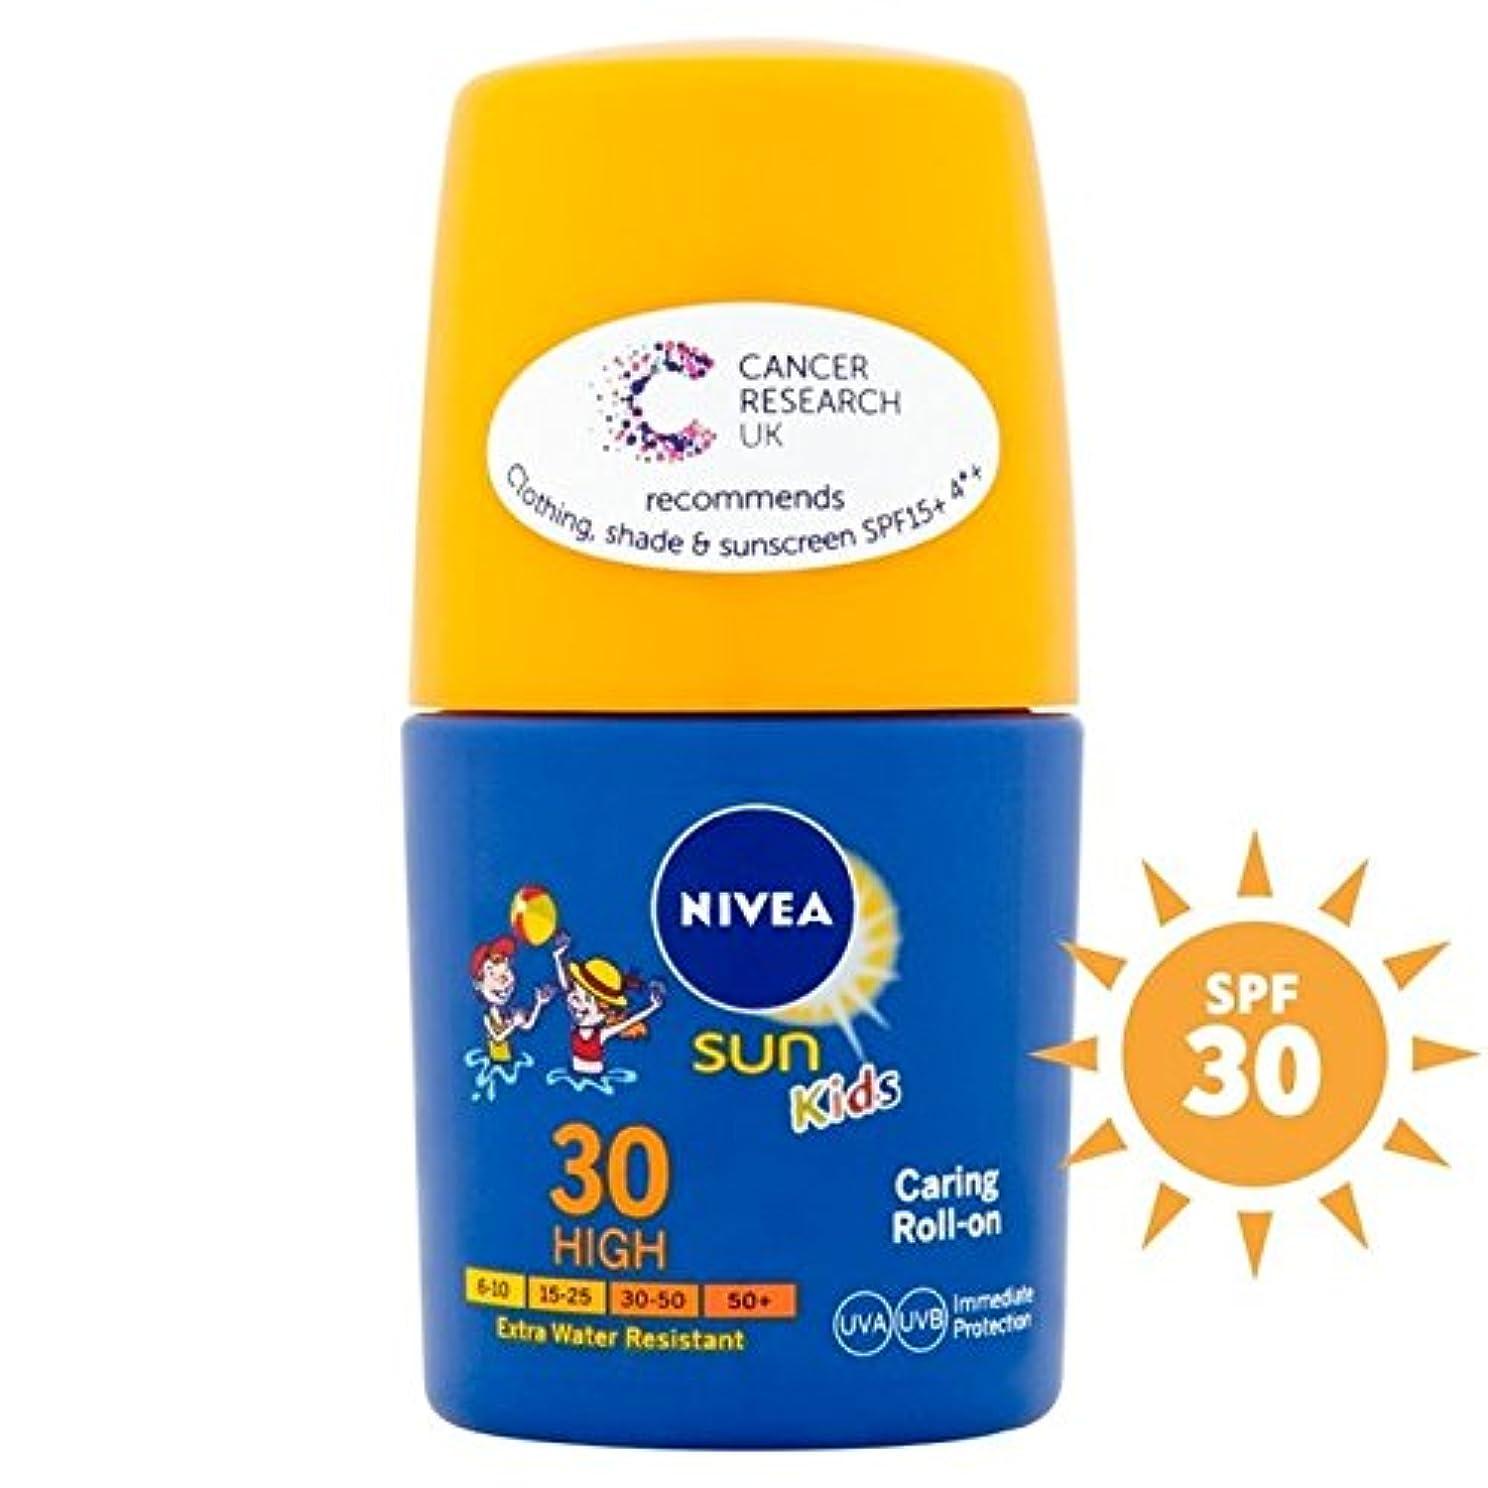 むちゃくちゃズボン劣る30の50ミリリットルにロールを気遣うニベアの日の子供たち x2 - Nivea Sun Kids Caring Roll On SPF30 50ml (Pack of 2) [並行輸入品]